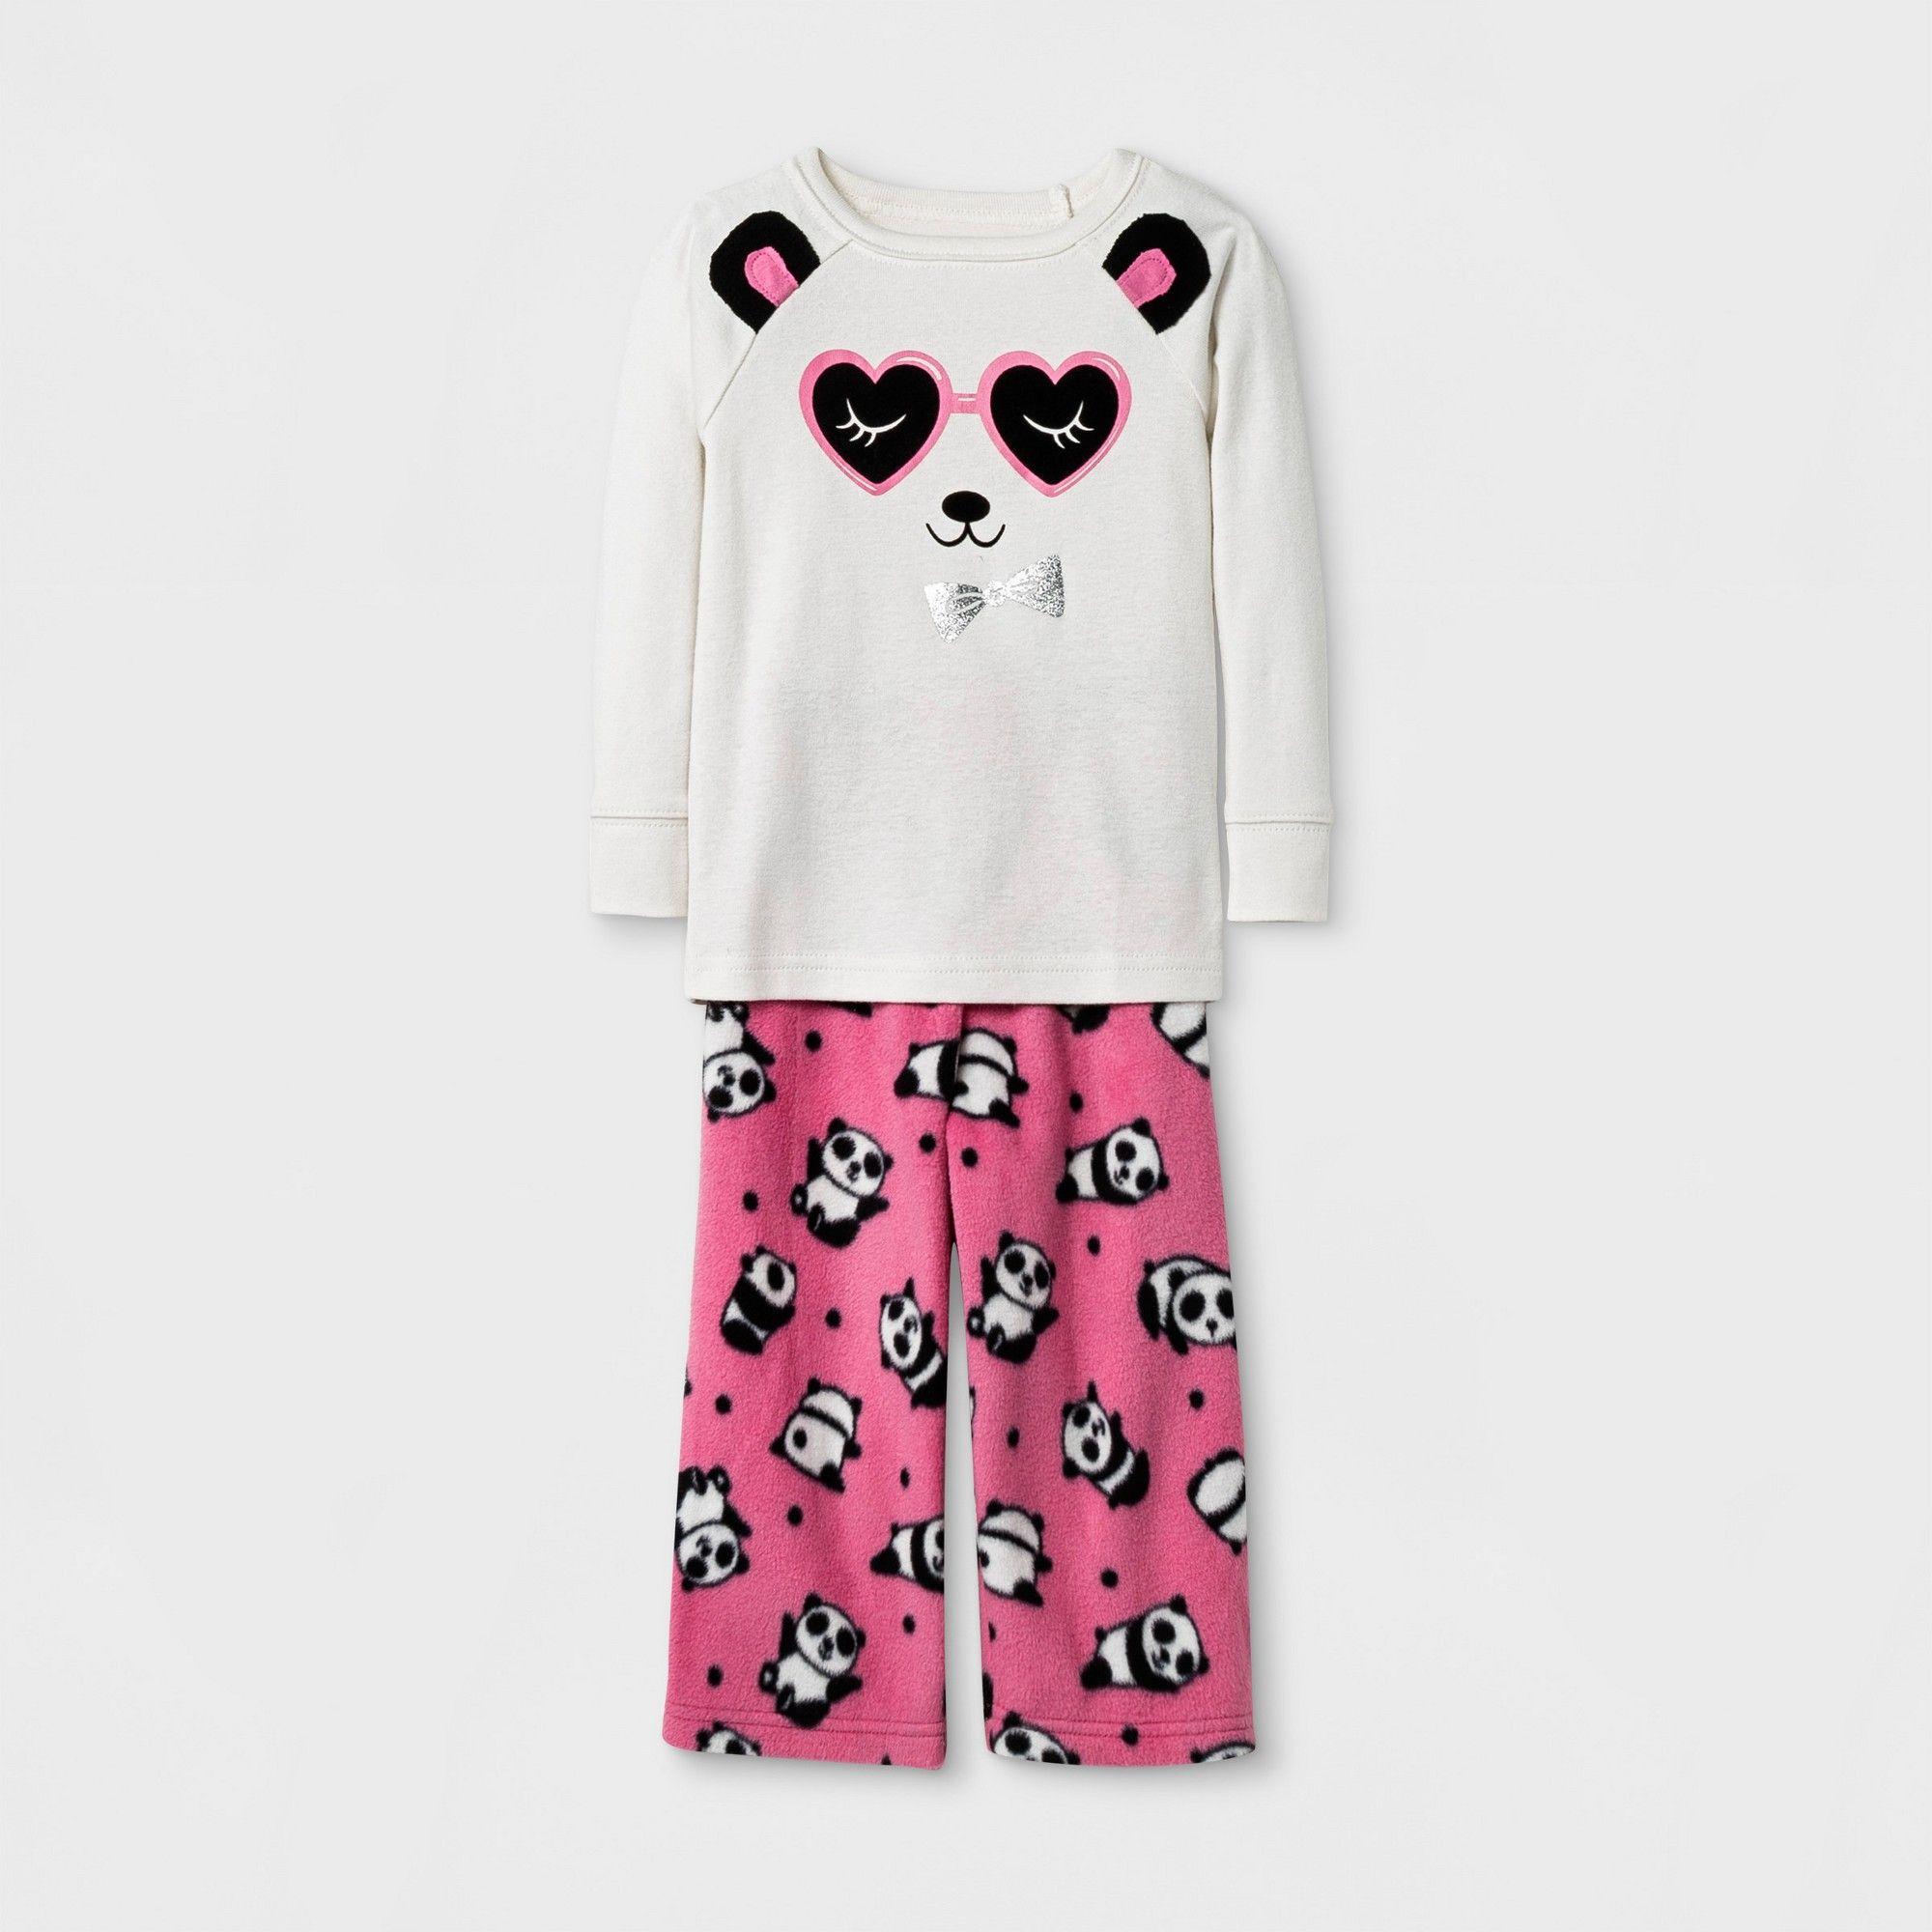 Toddler Girls' Panda Pajama Set - Cat & Jack Cream 12M, White